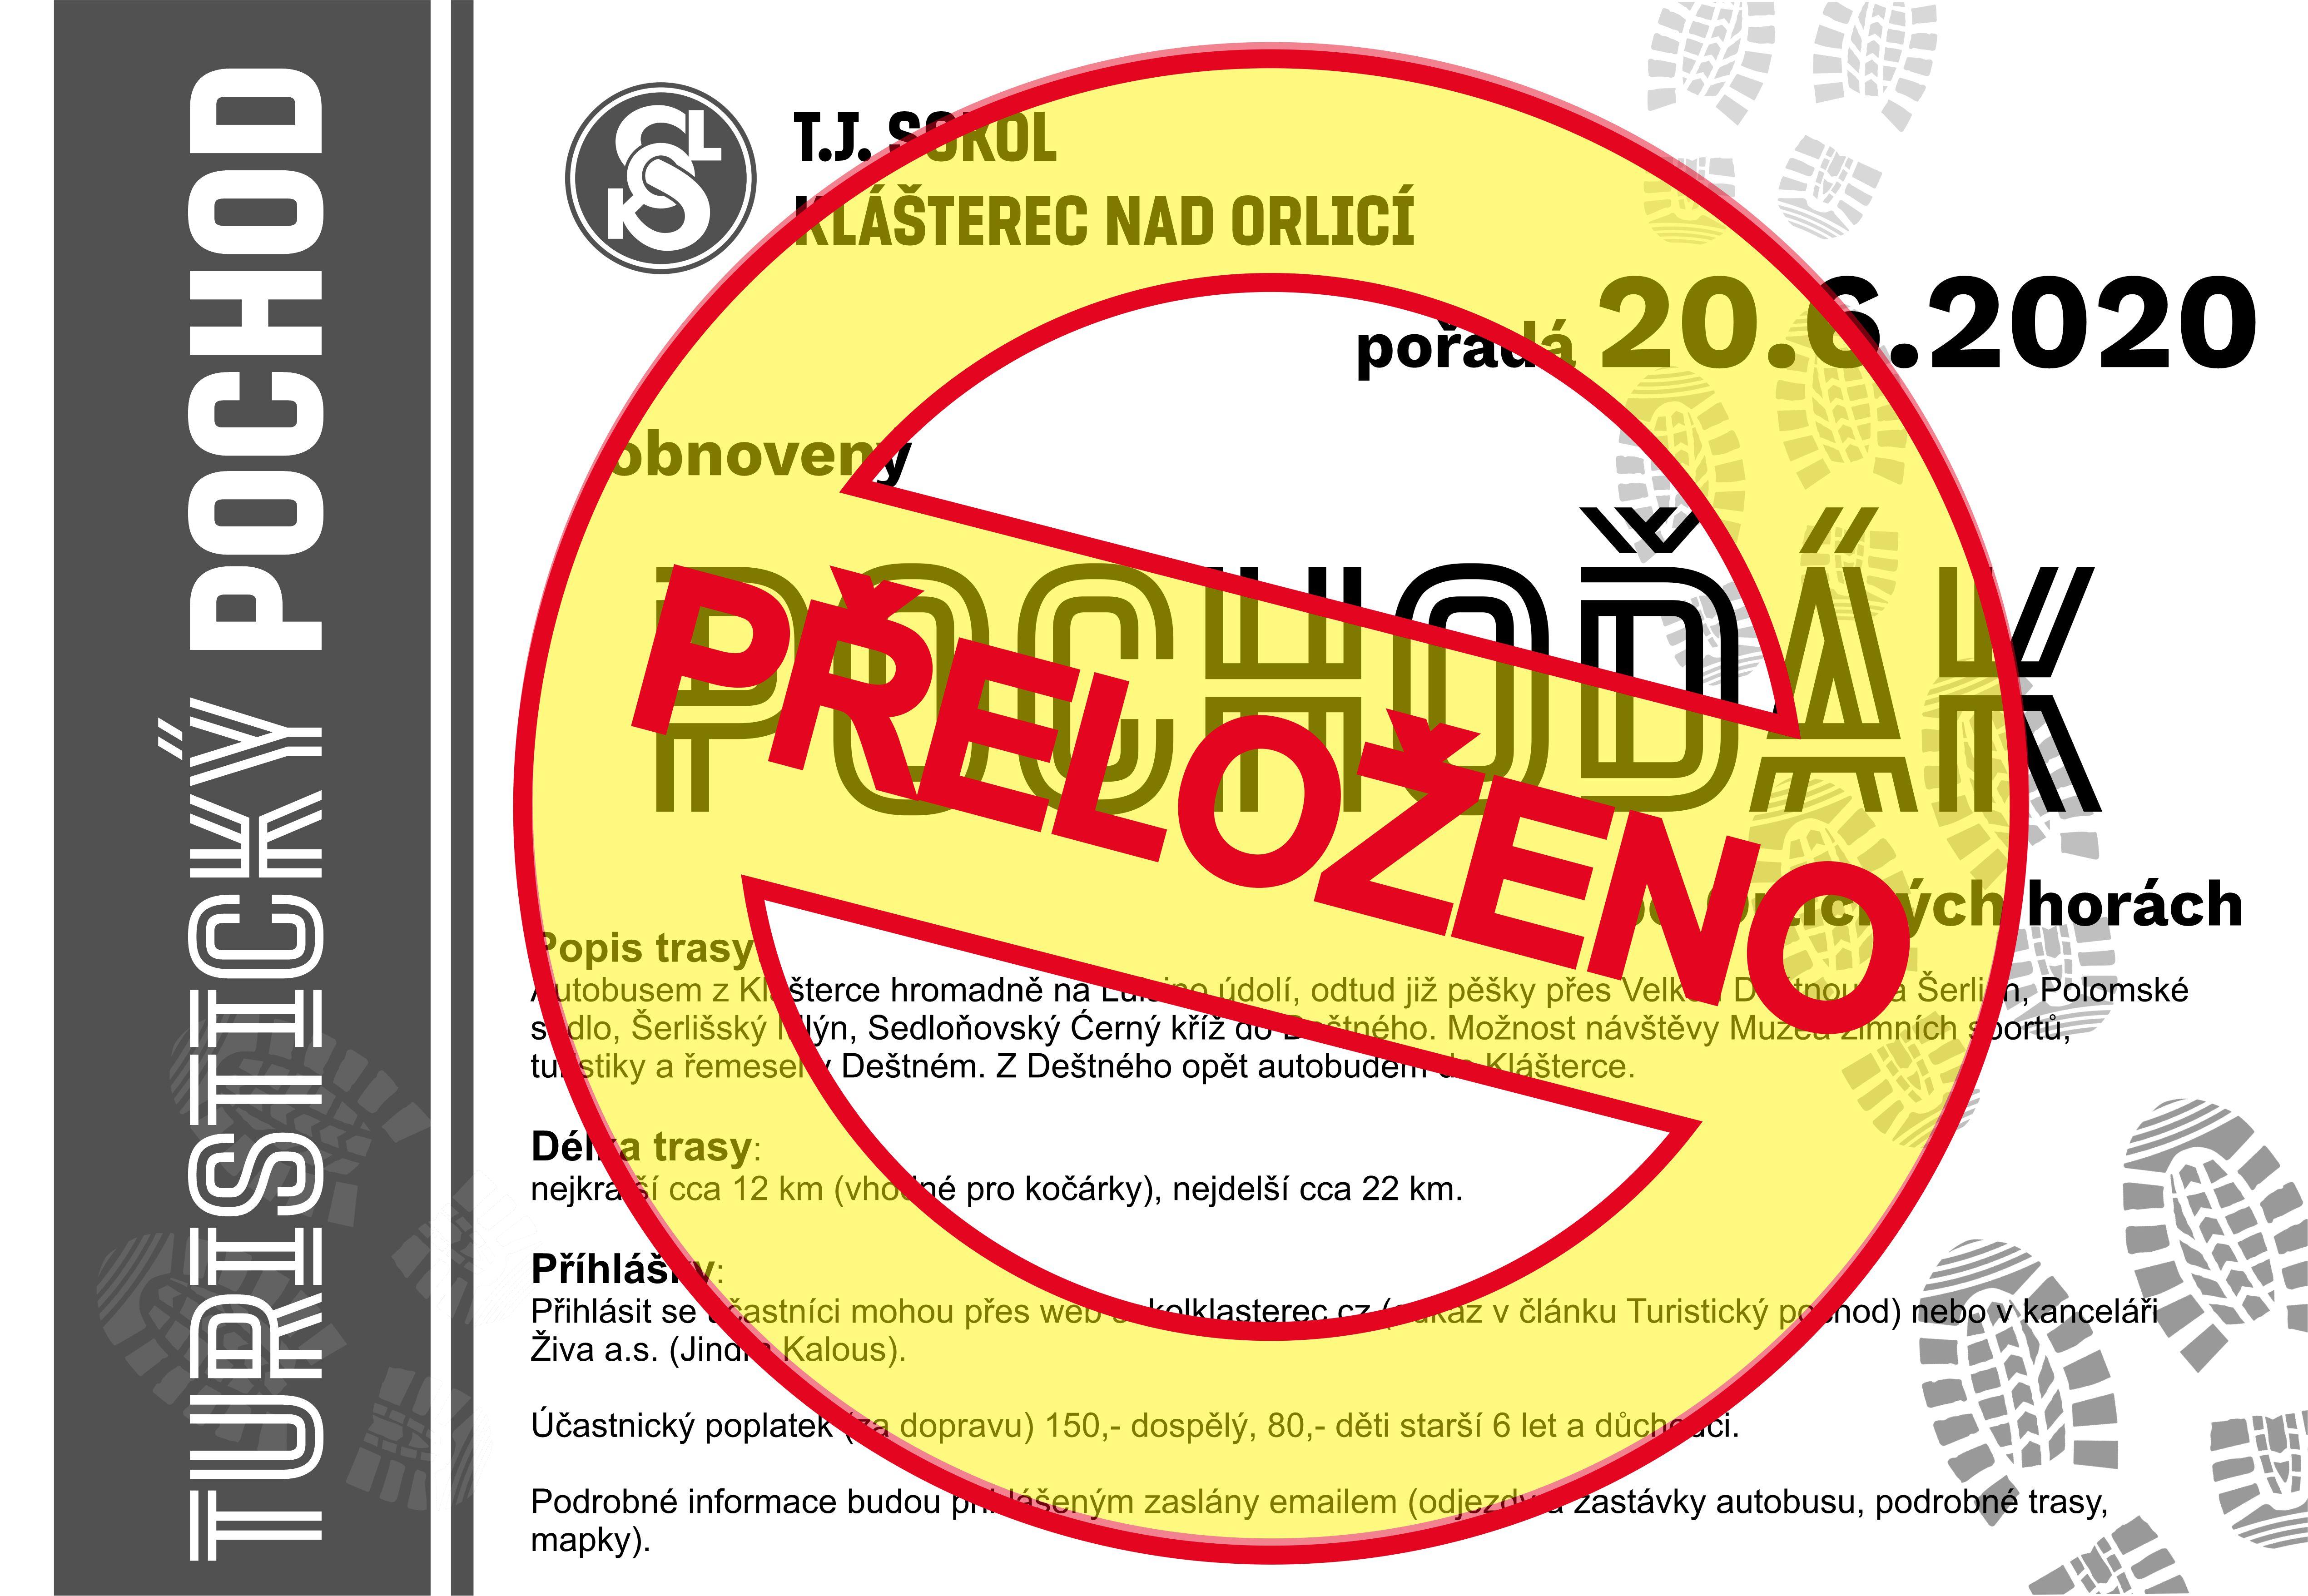 Sokol_-_pochok_2020_pelozeno